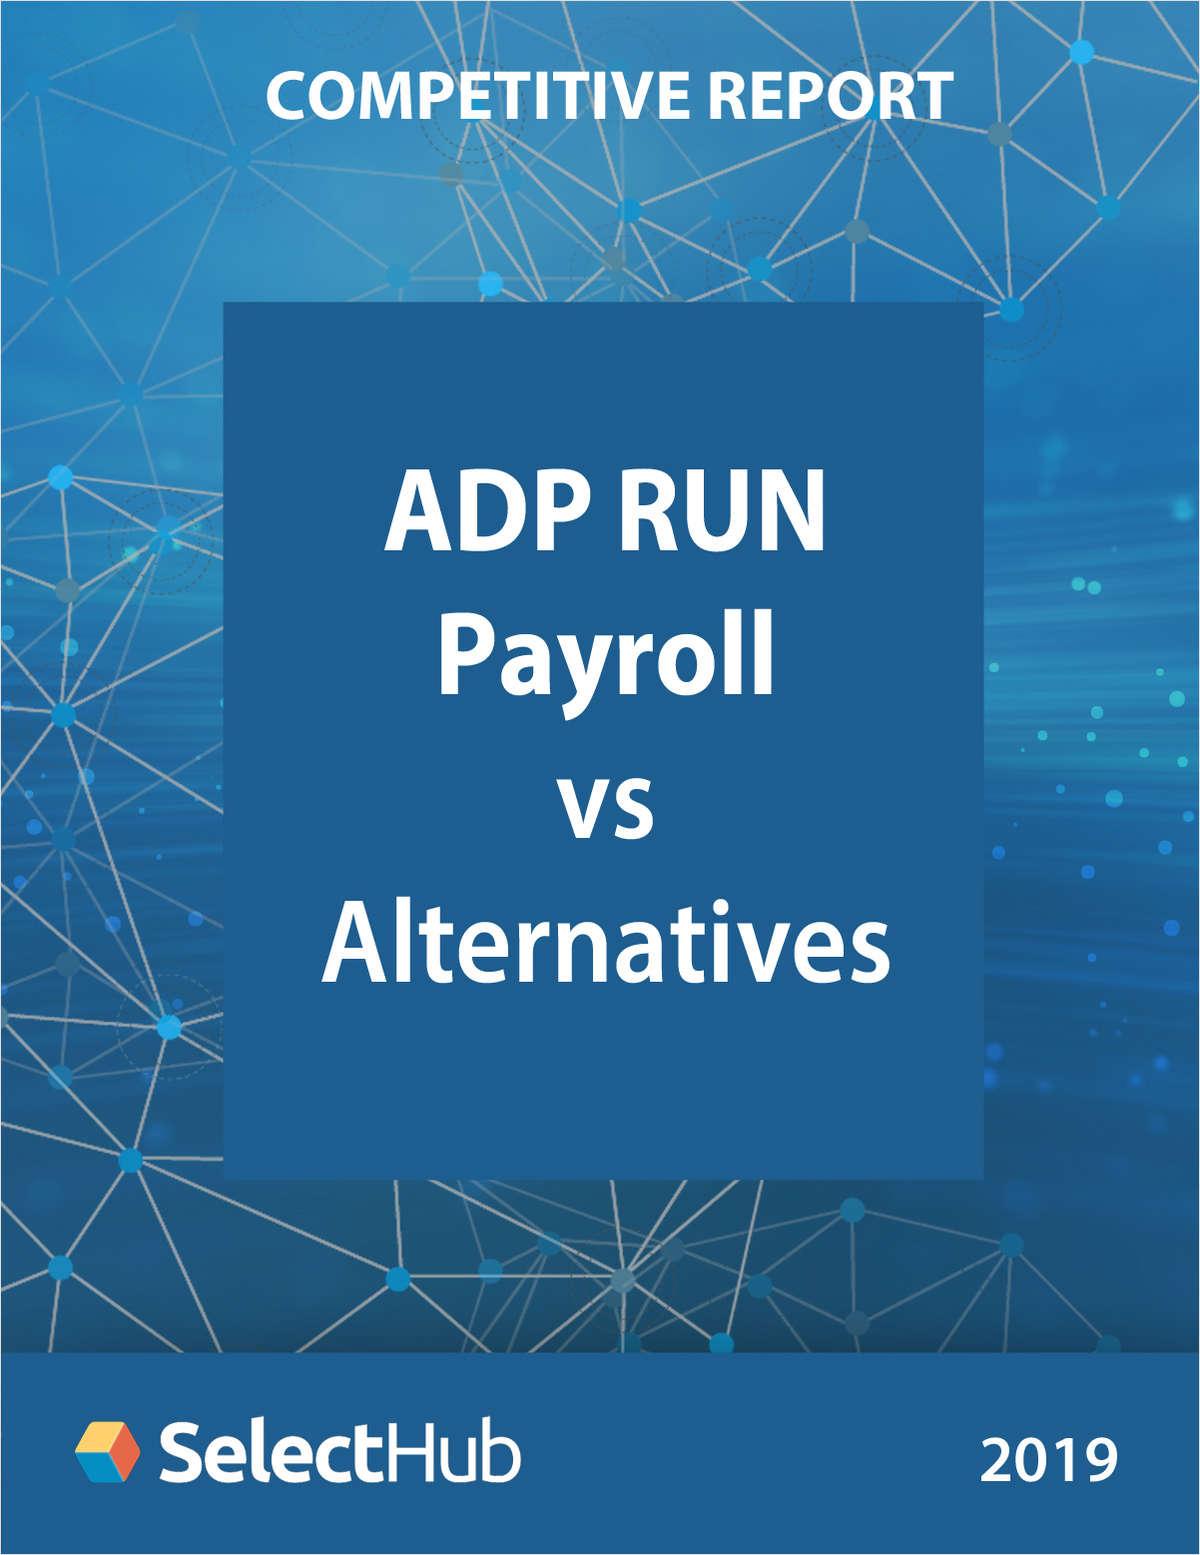 ADP | LinkedIn